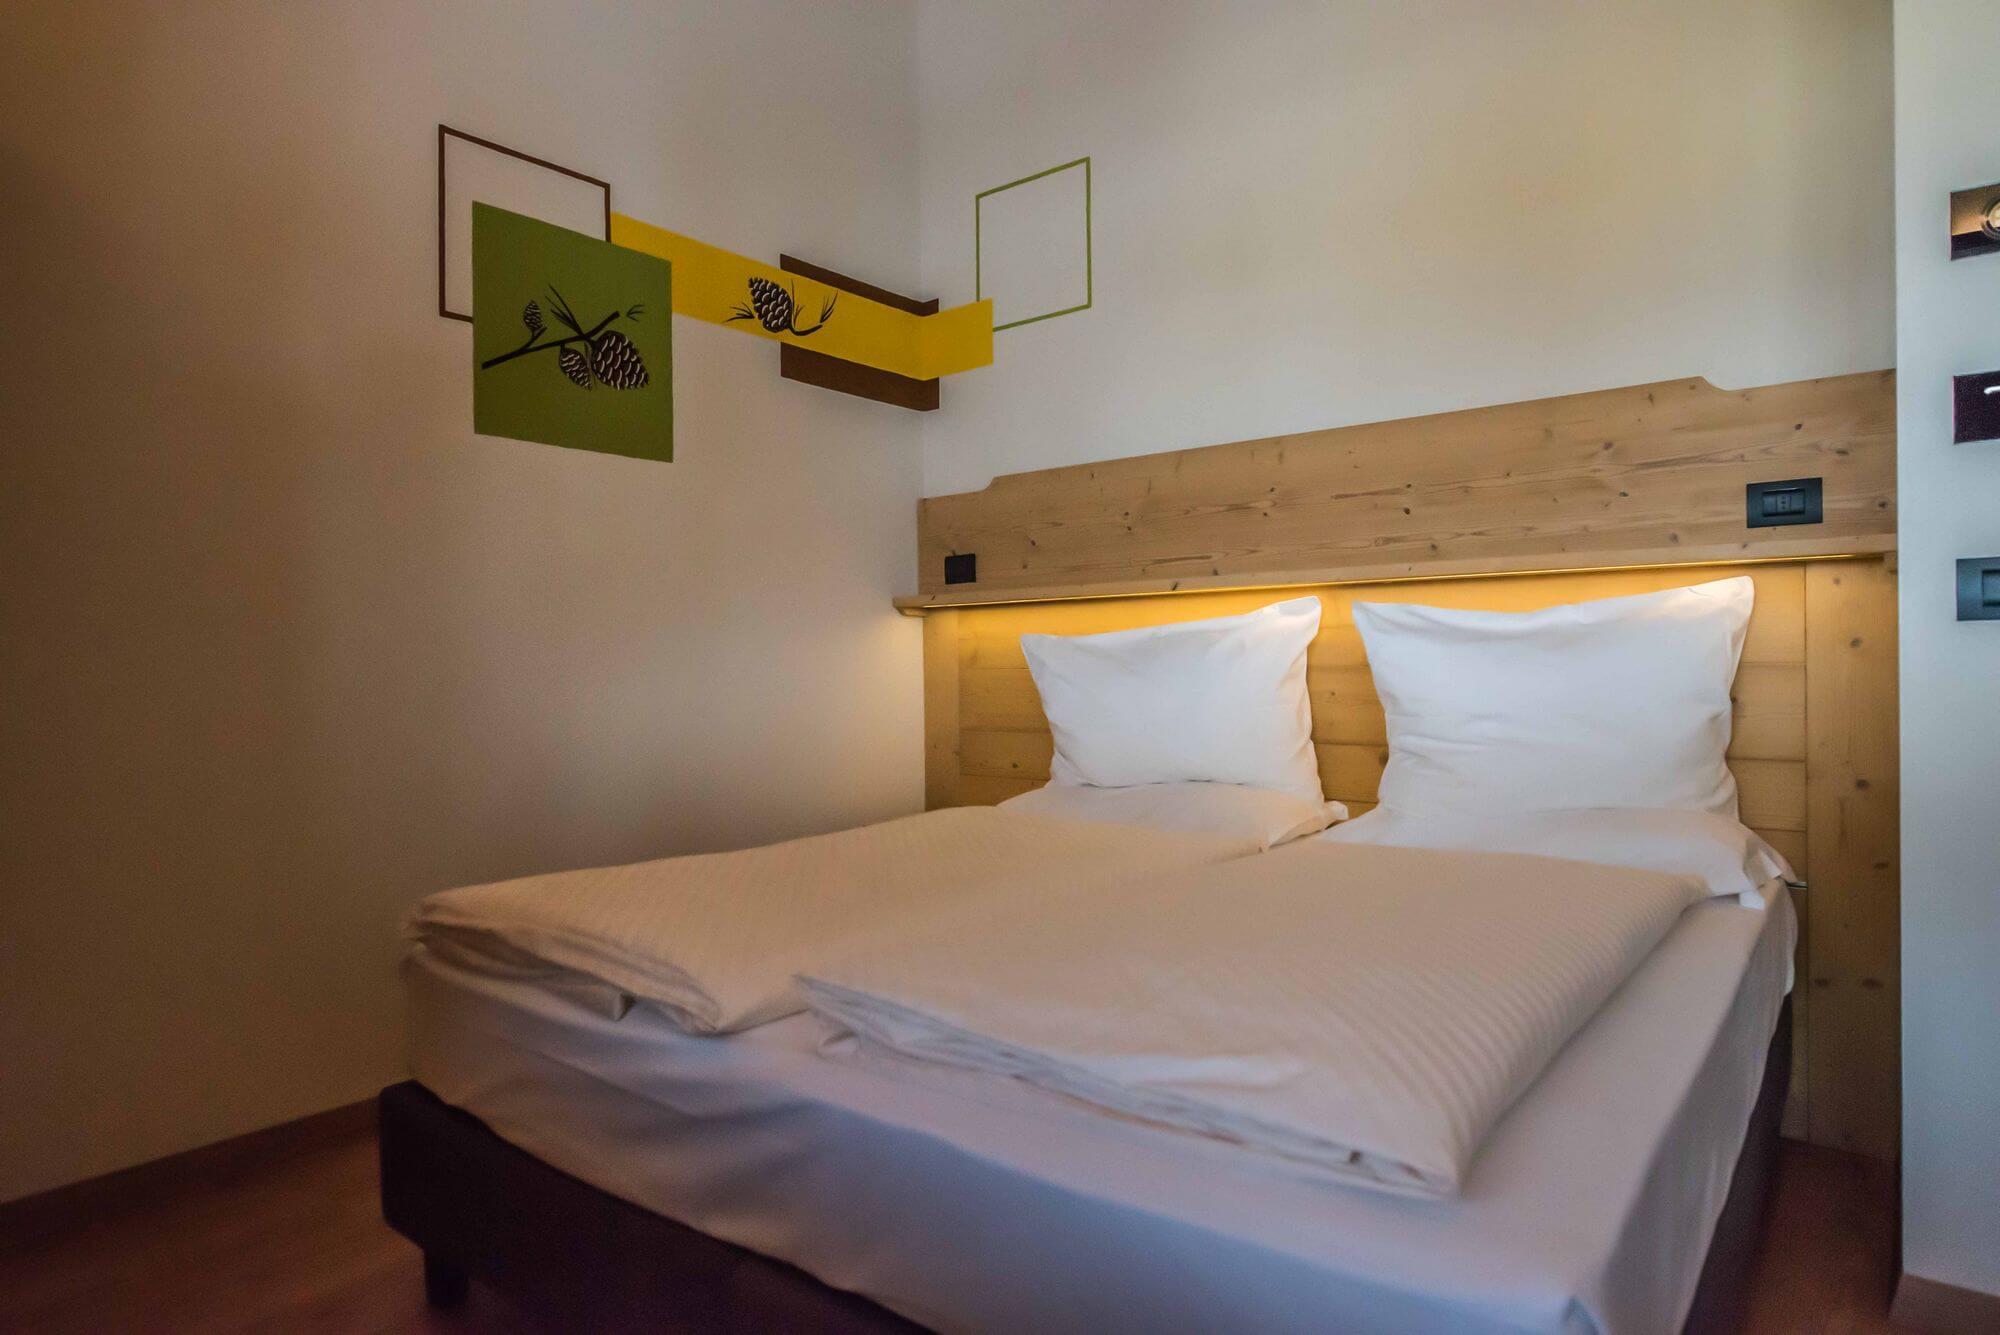 Arredamento alpino: Hotel Le Alpi a Livigno